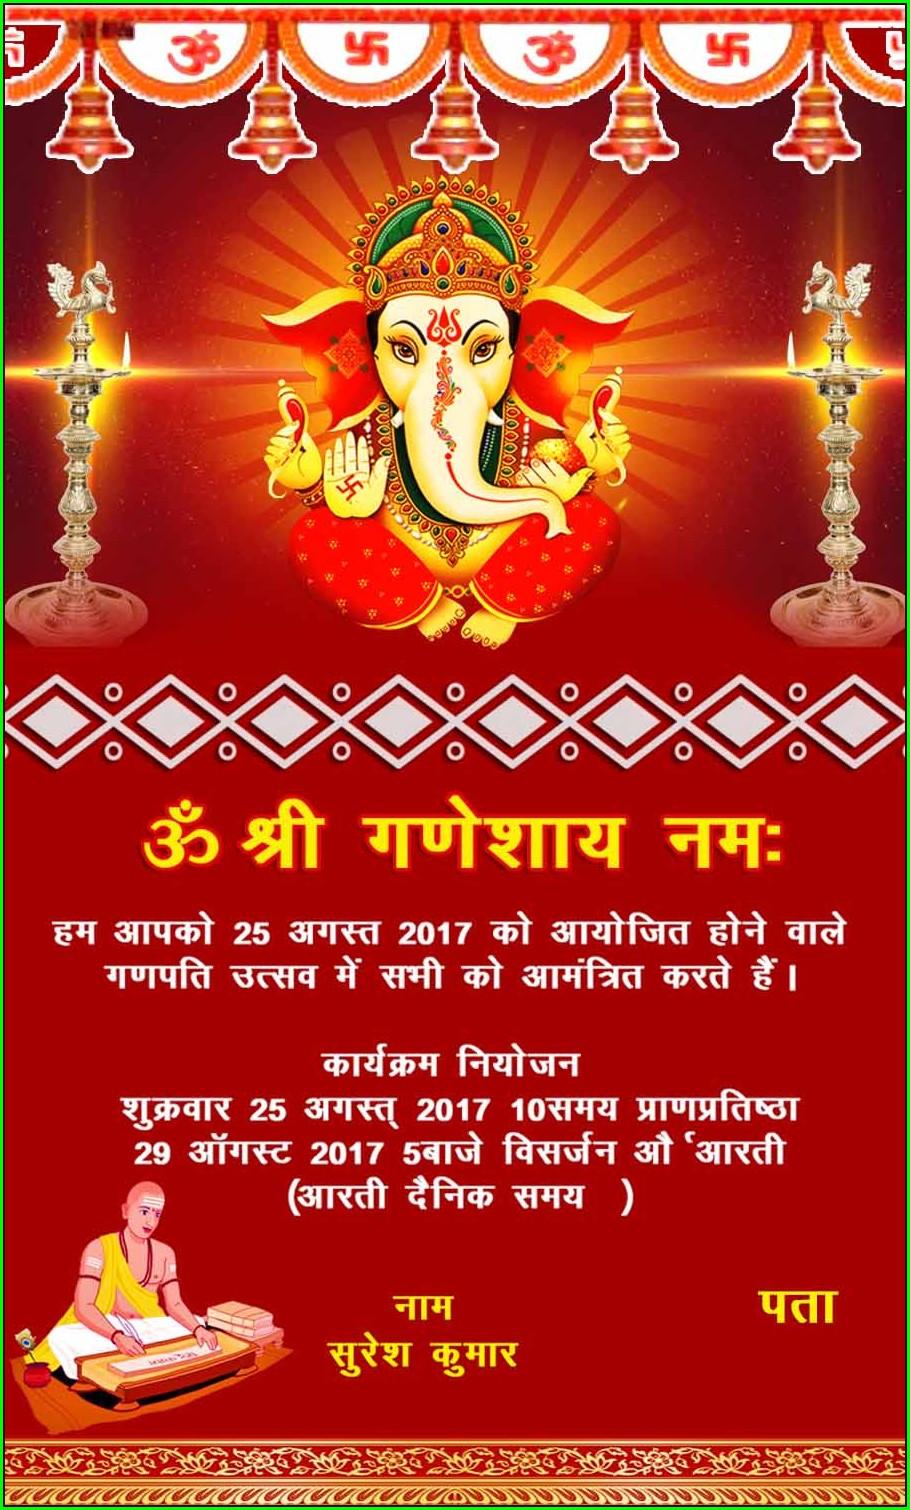 Ganesh Puja Invitation Card In Odia